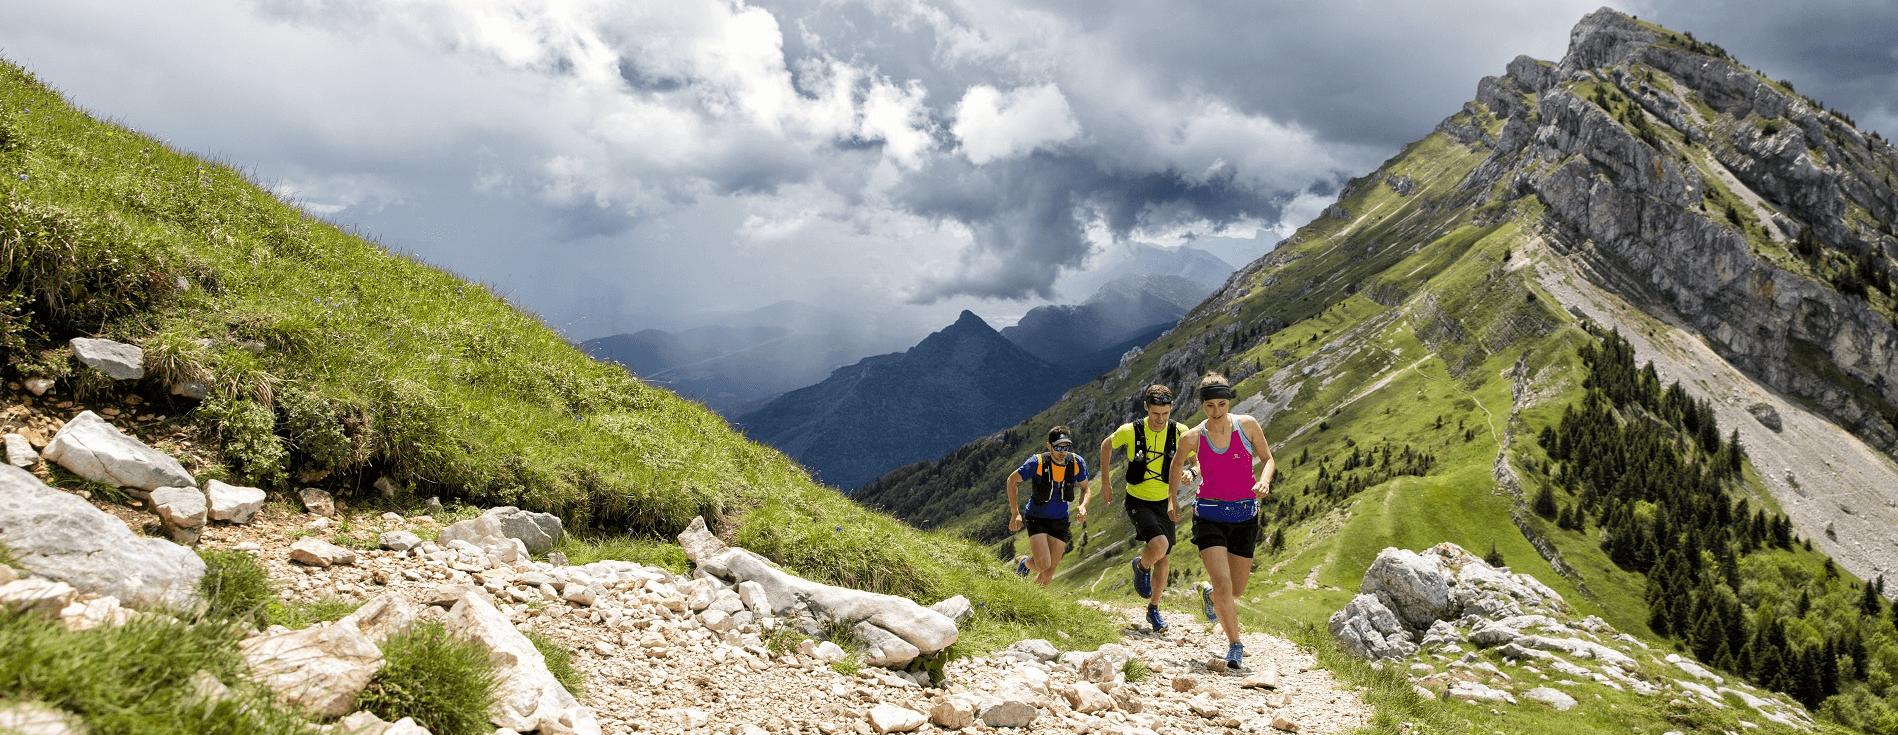 Outdoorschuhe: Für jedes Abenteuer  gerüstet